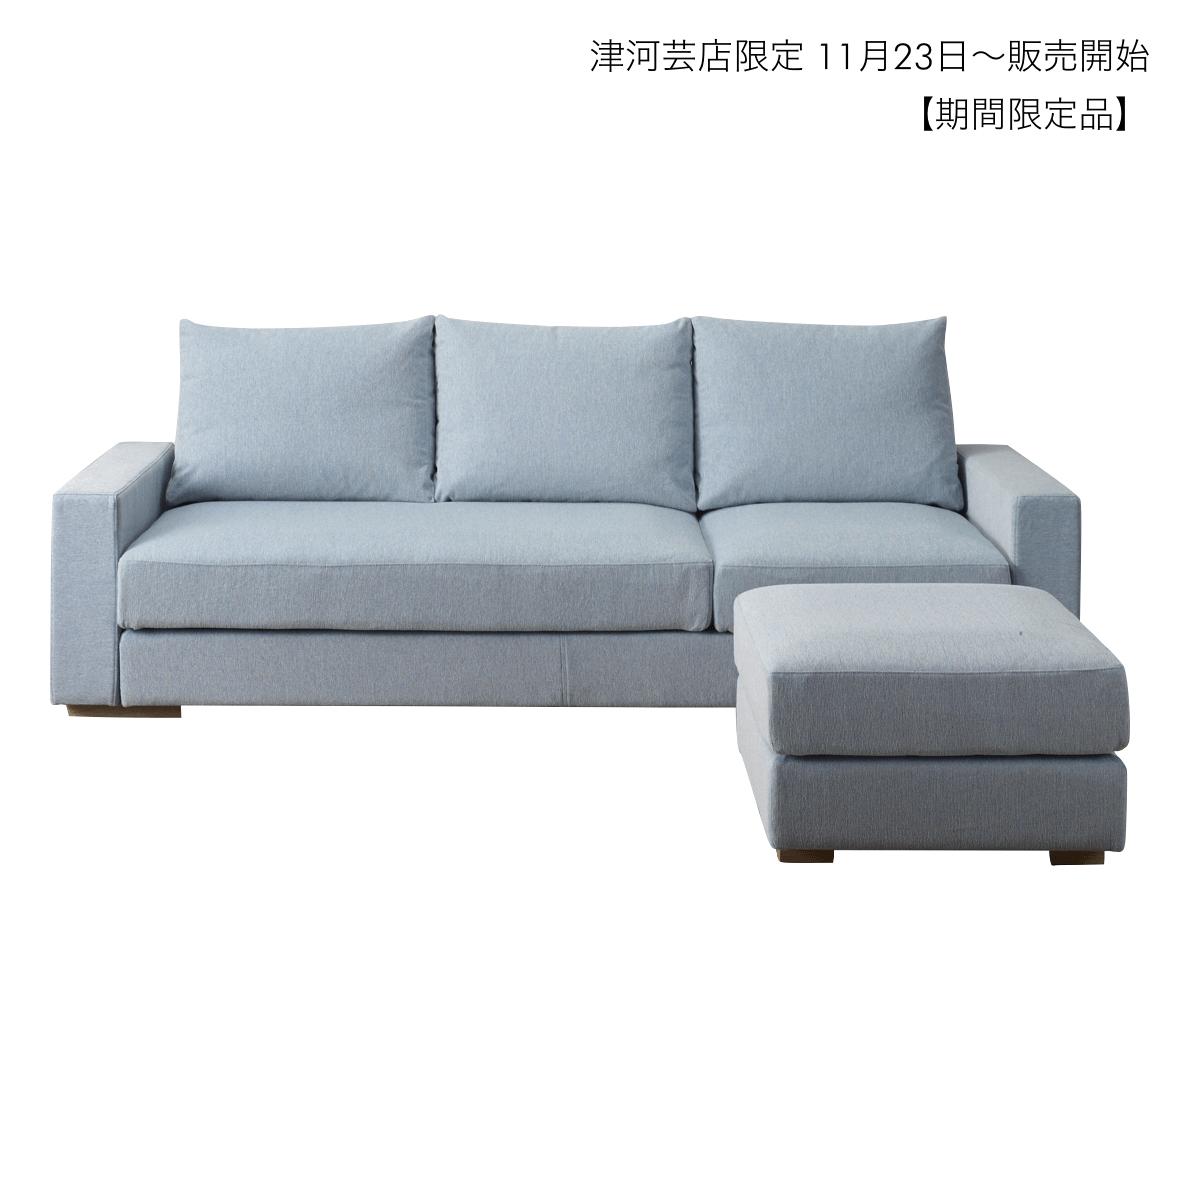 MNH E シェーズ225 *CP*